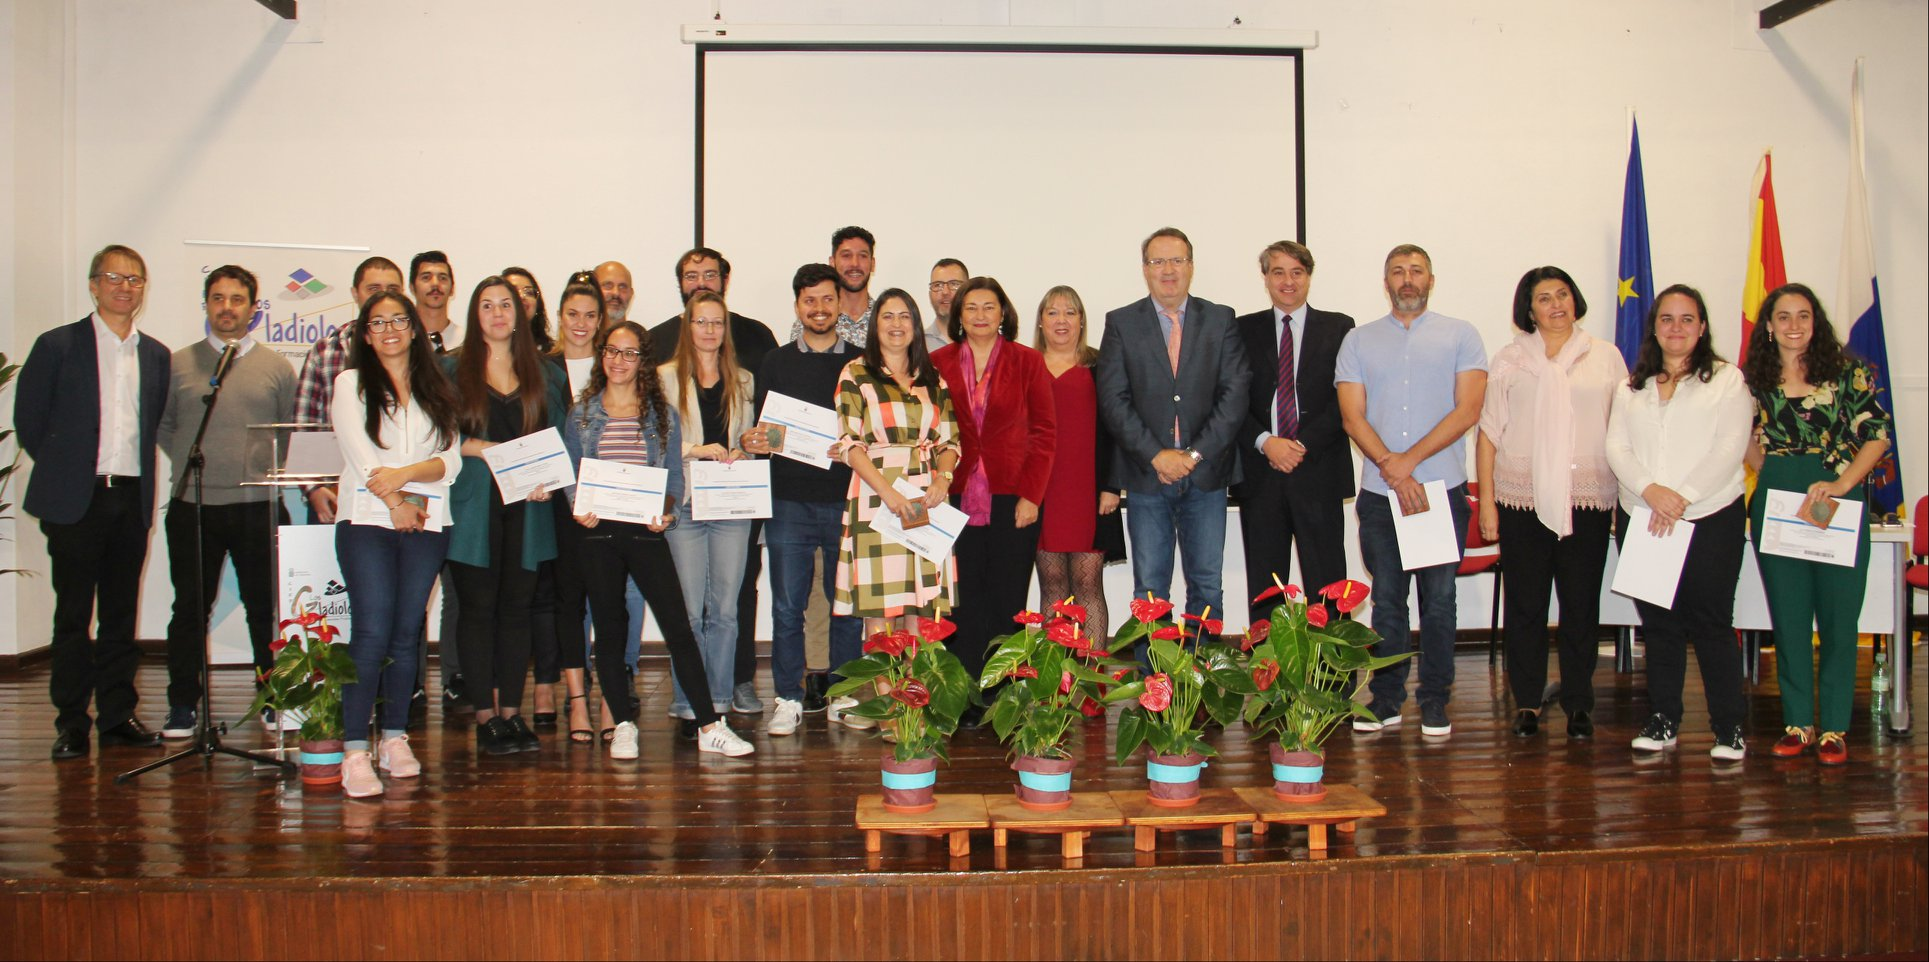 El Gobierno de Canarias reconoce a los mejores alumnos y alumnas de FP con 19 Premios Extraordinarios